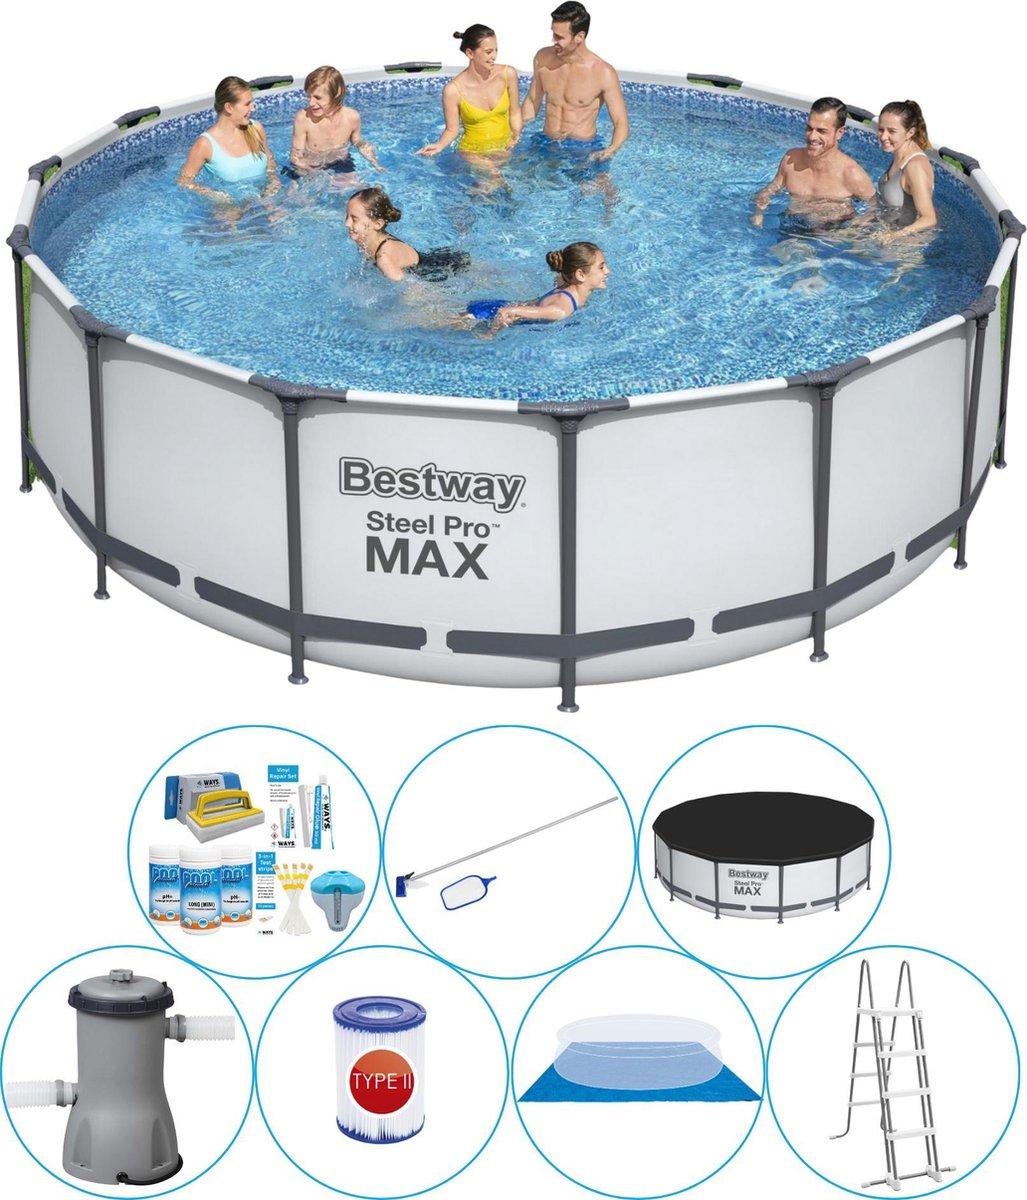 Bestway Steel Pro MAX Rond 457x122 cm - Zwembad Pakket